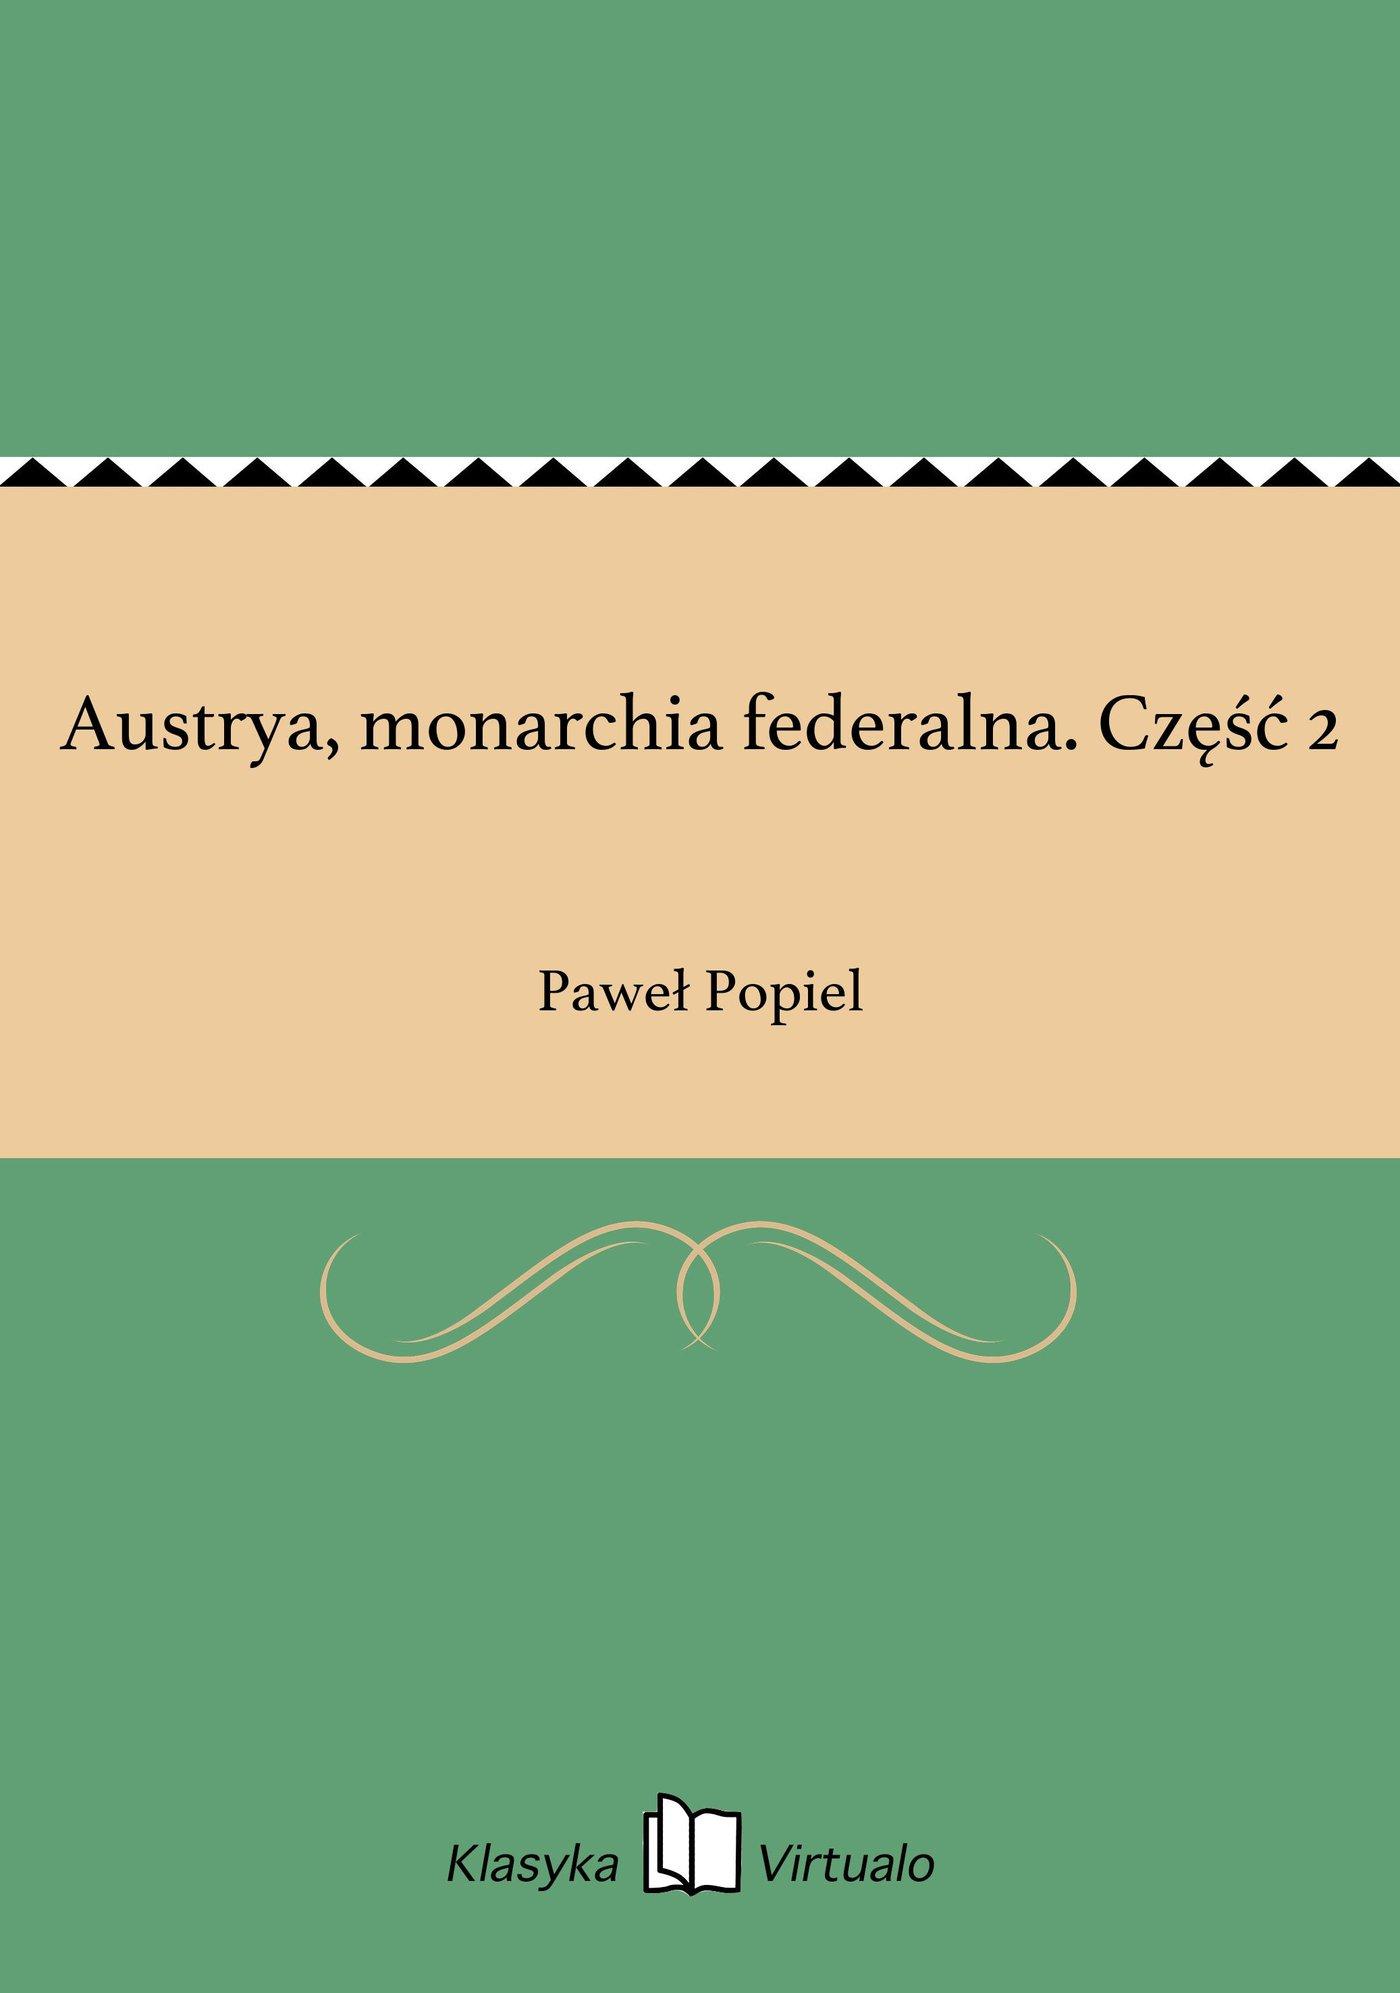 Austrya, monarchia federalna. Część 2 - Ebook (Książka EPUB) do pobrania w formacie EPUB